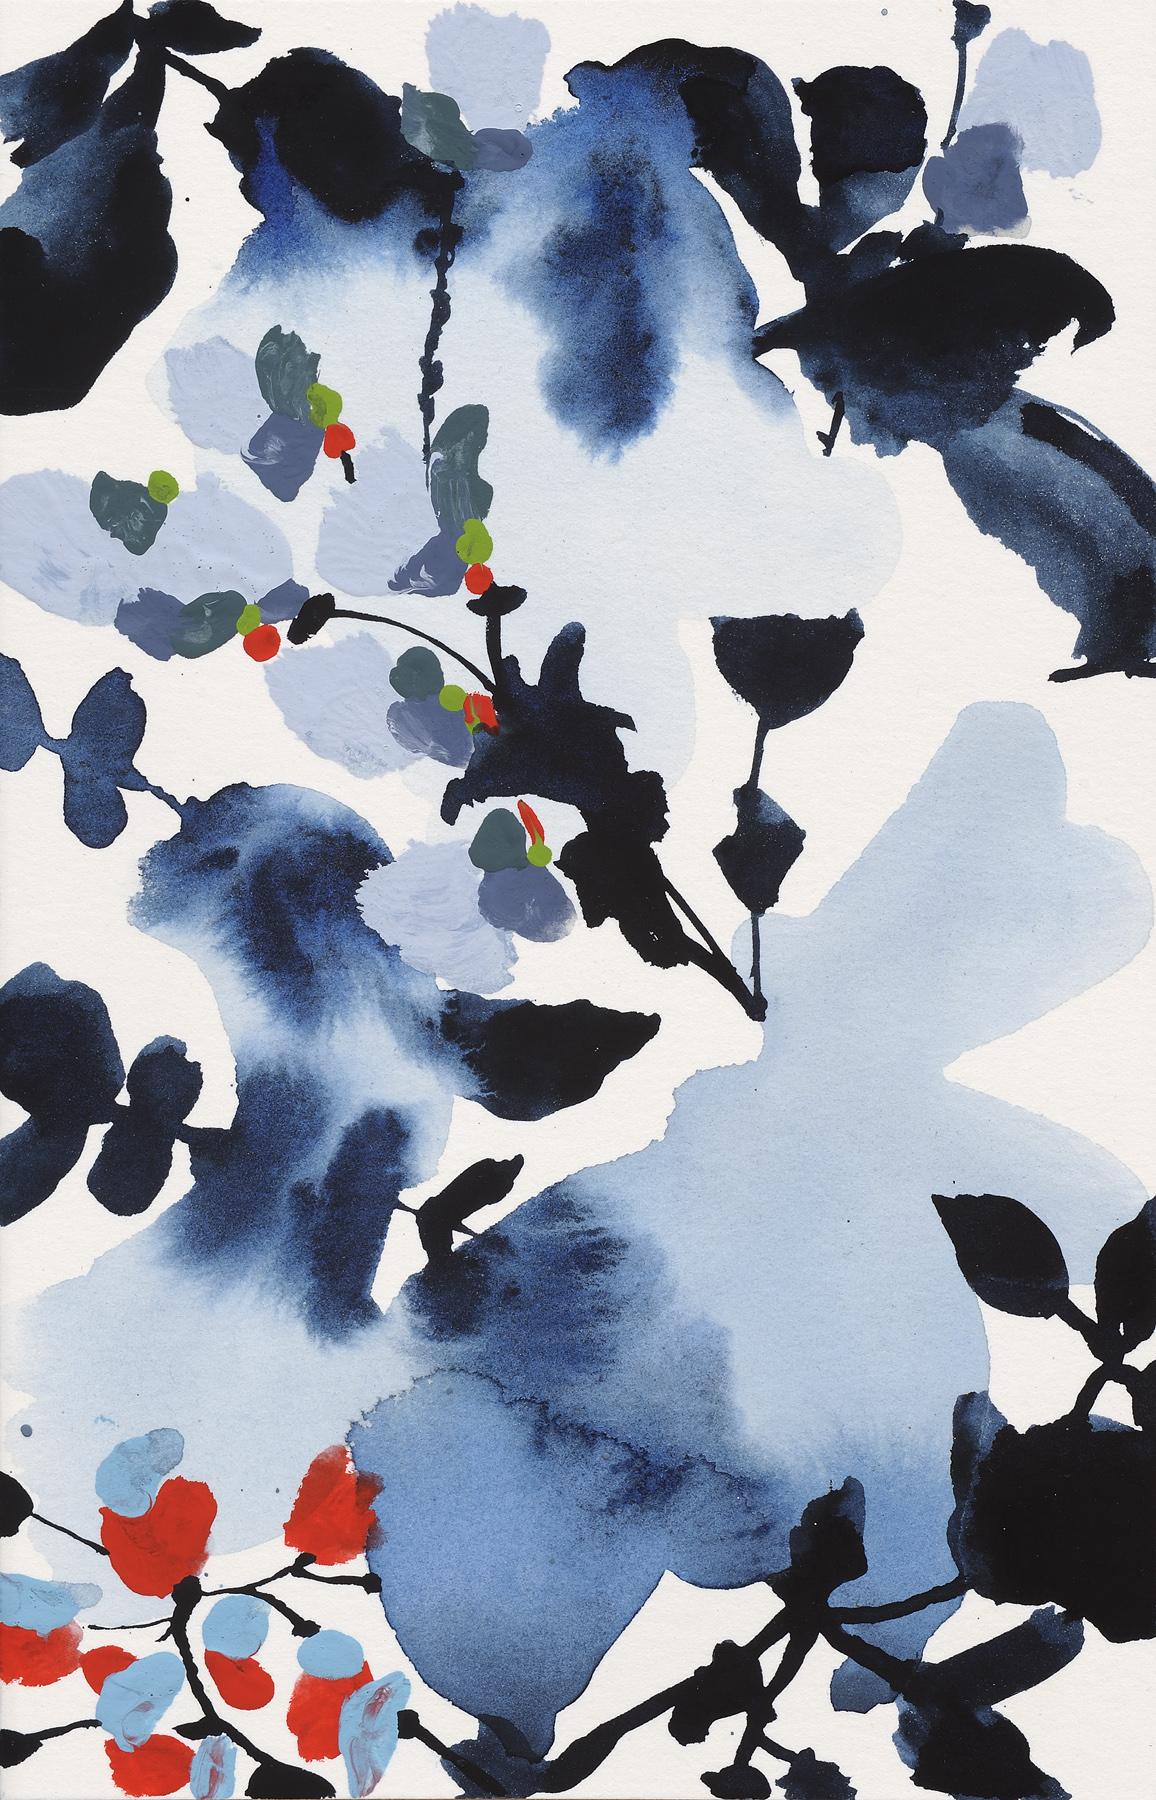 """Indigo Rock - 3, 2013, watercolor on paper, 7 x 4.5"""""""